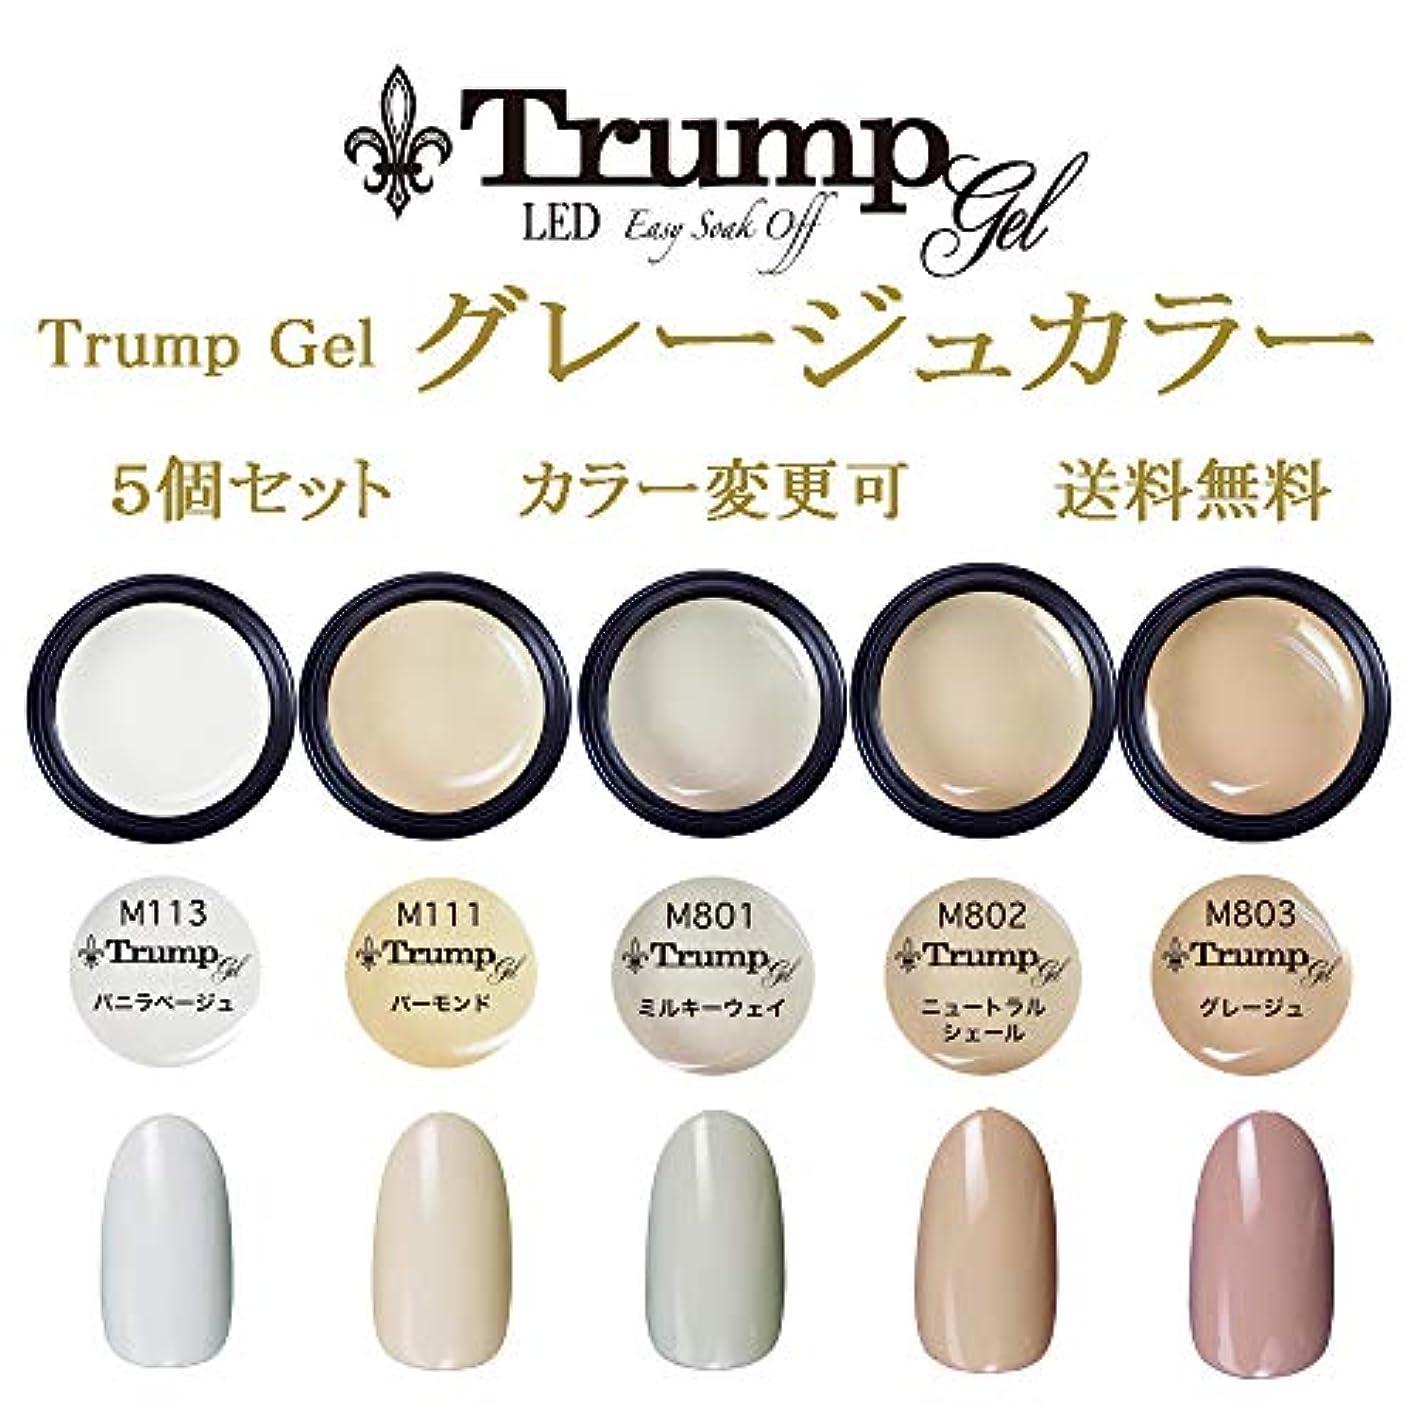 退屈させる弾丸散歩日本製 Trump gel トランプジェル グレージュカラー 選べる カラージェル 5個セット ホワイト ベージュ ピンク スモーク